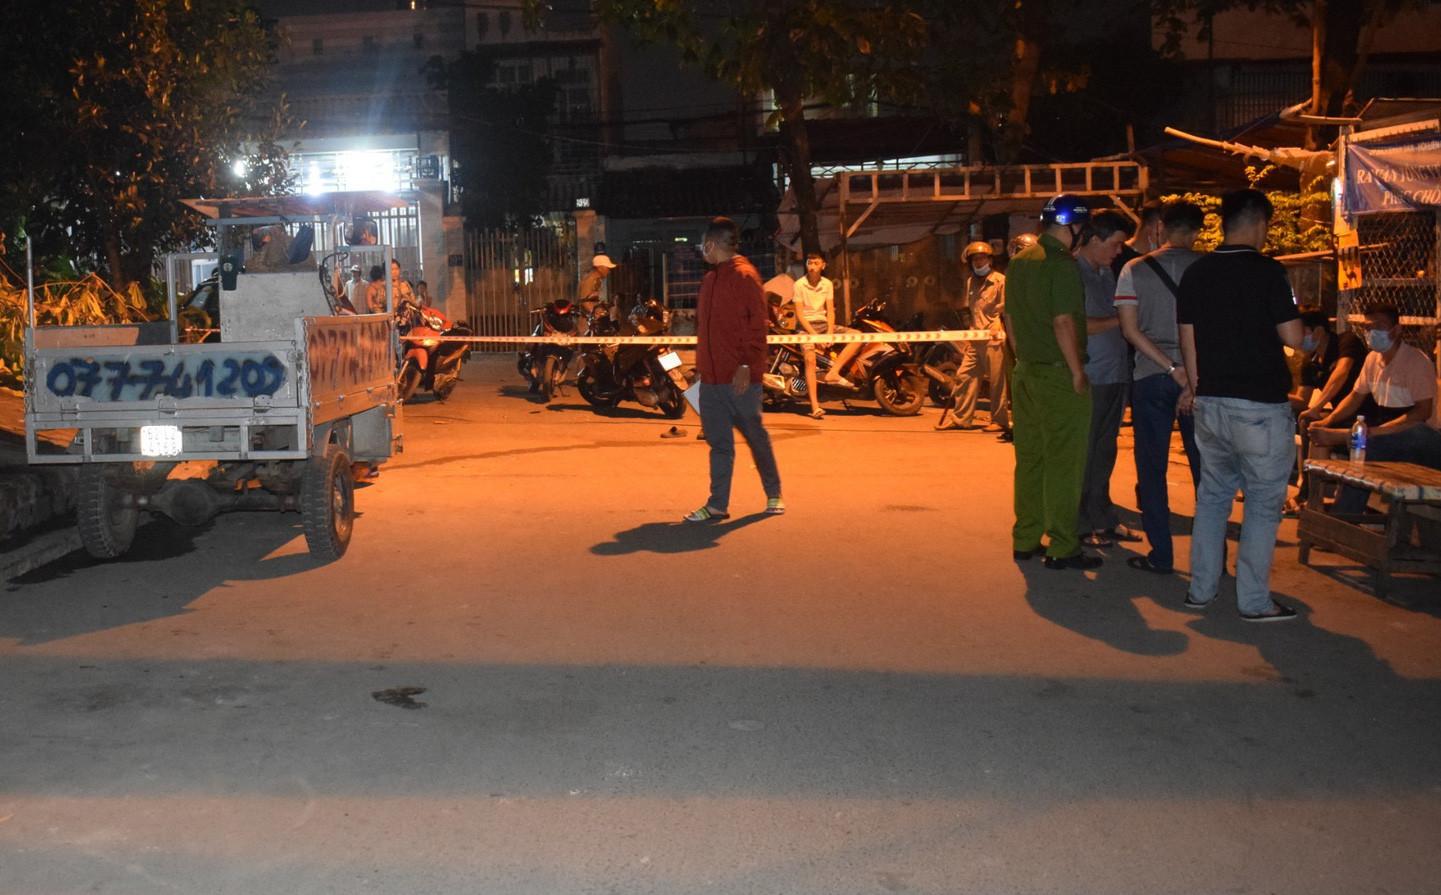 Vụ lái xe ba gác bị đâm tử vong khi nhắc nhở thanh niên tiểu bậy: Công an tìm người thân nạn nhân